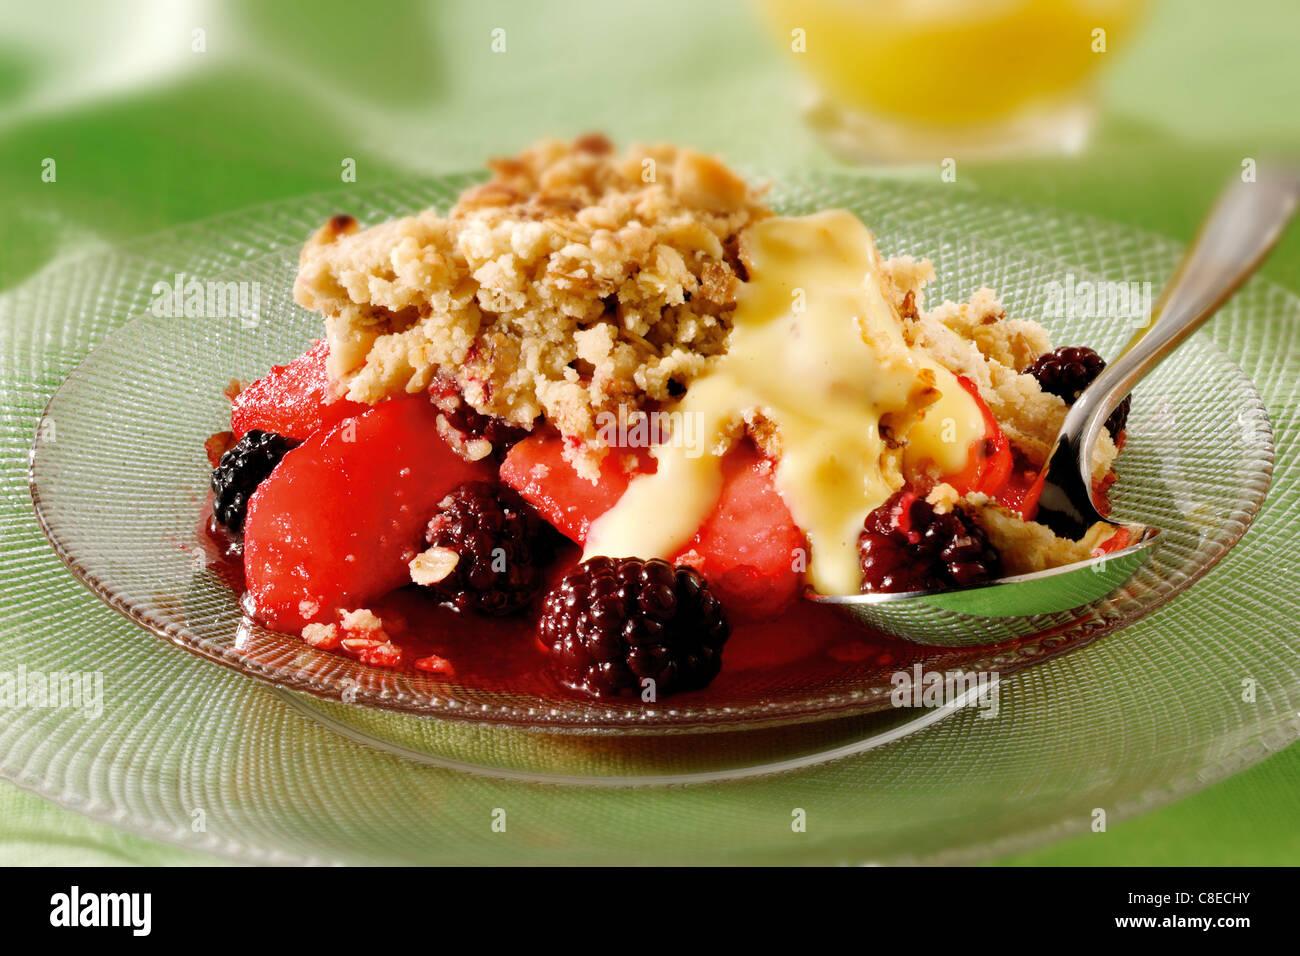 La nourriture - Blackberry & Crumble aux pommes Photo Stock